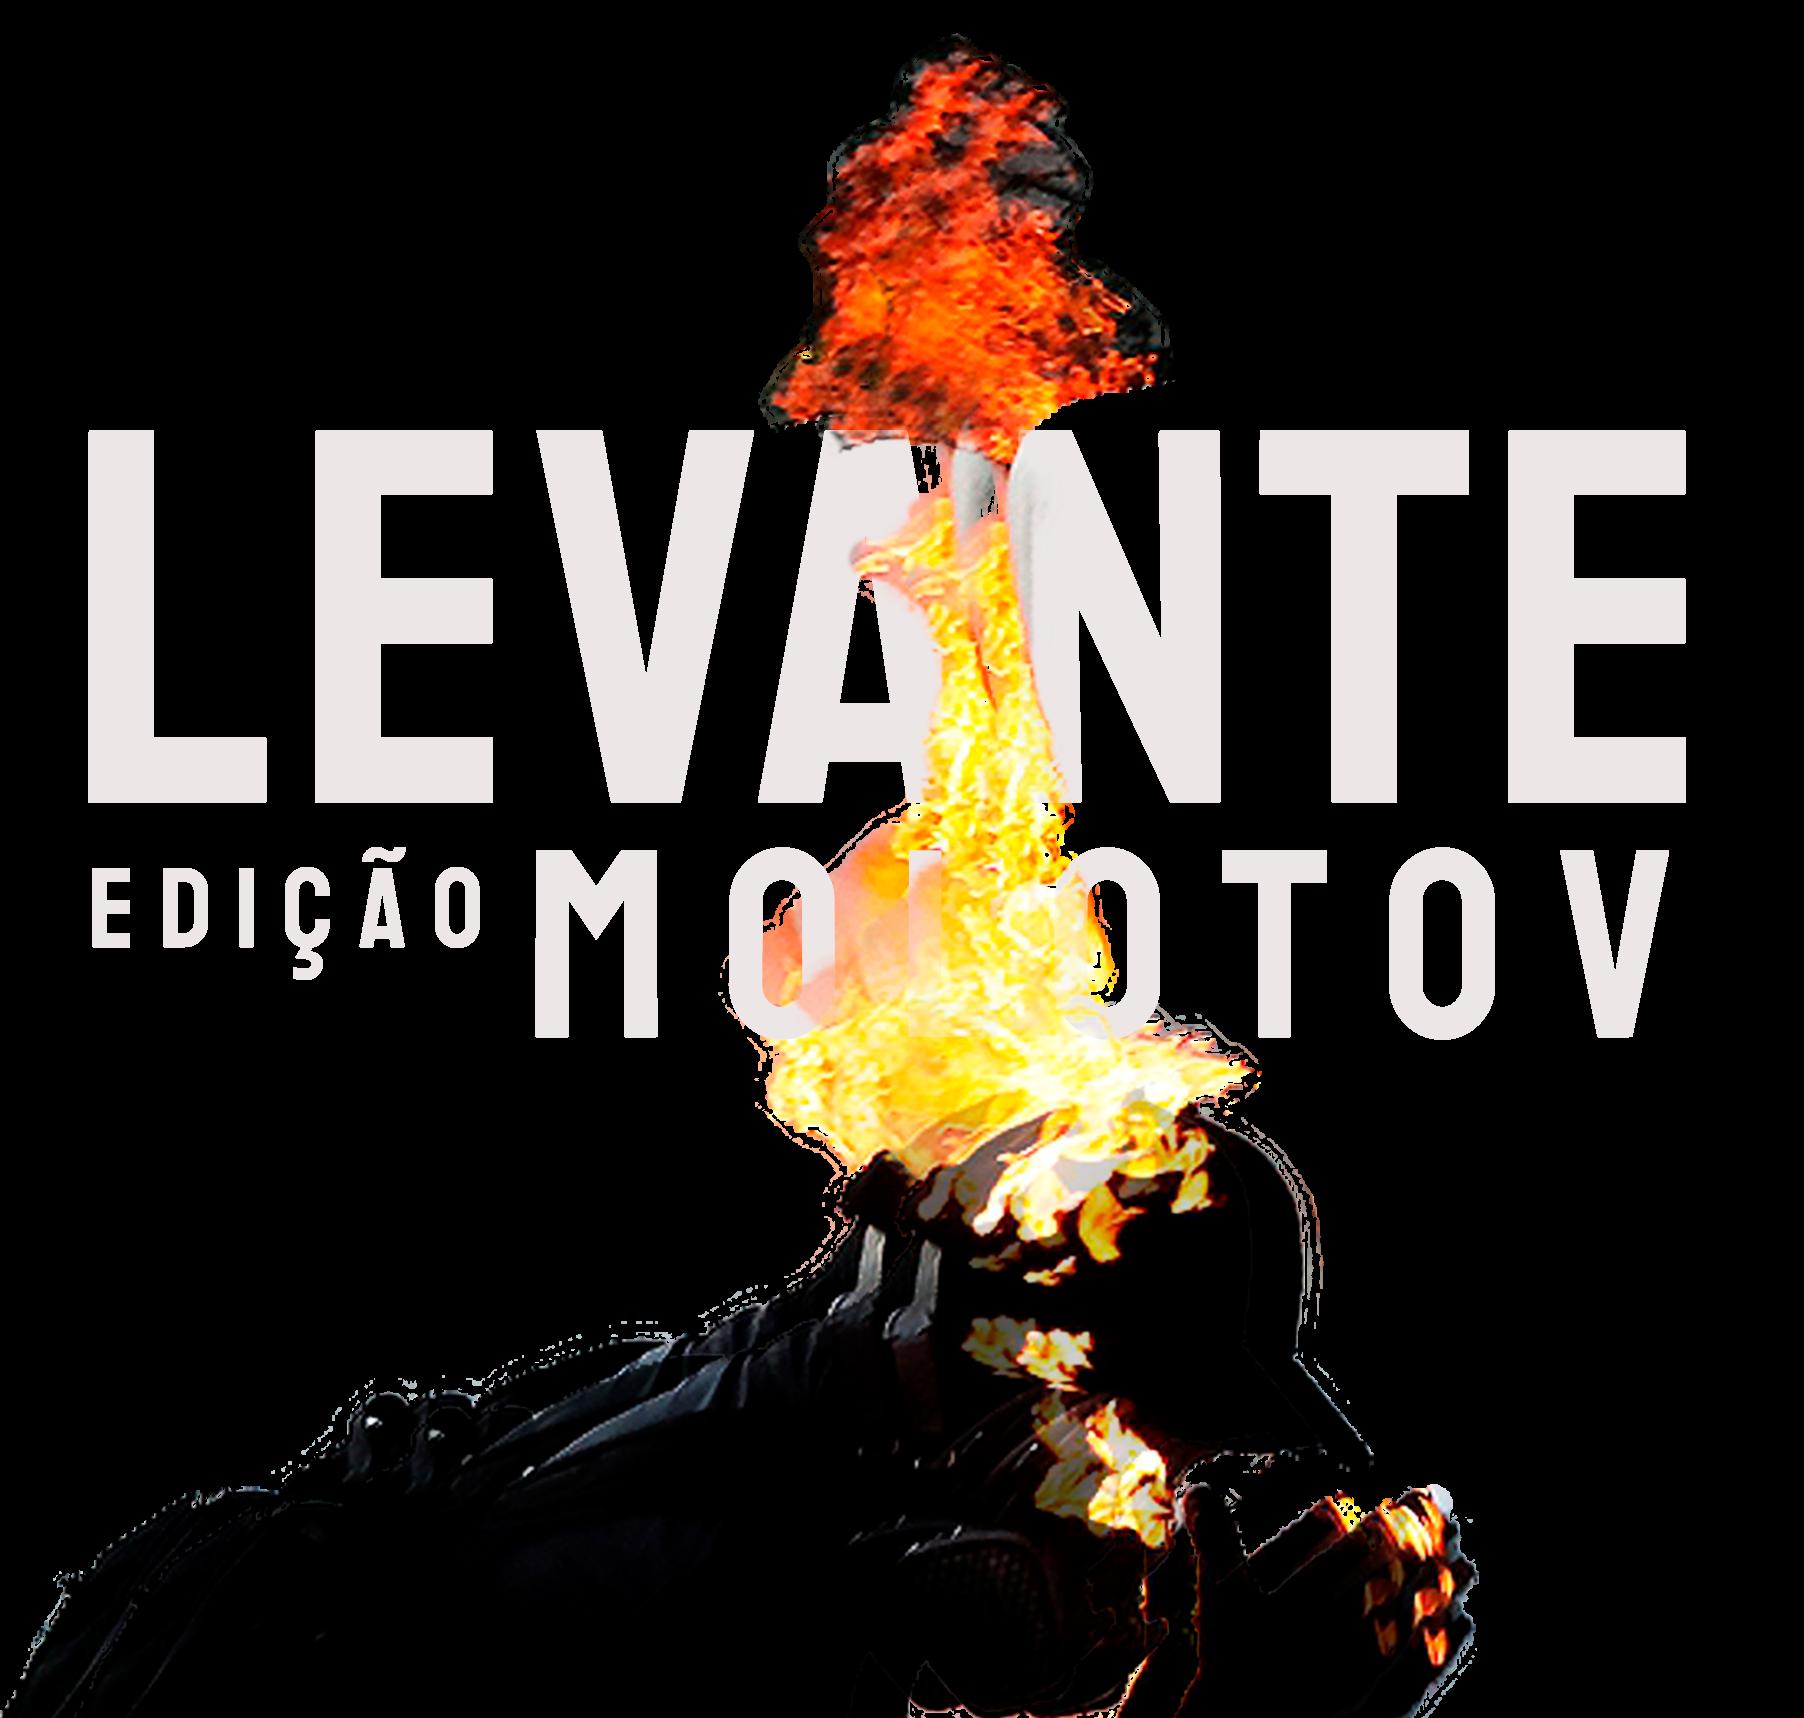 Levante Molotov